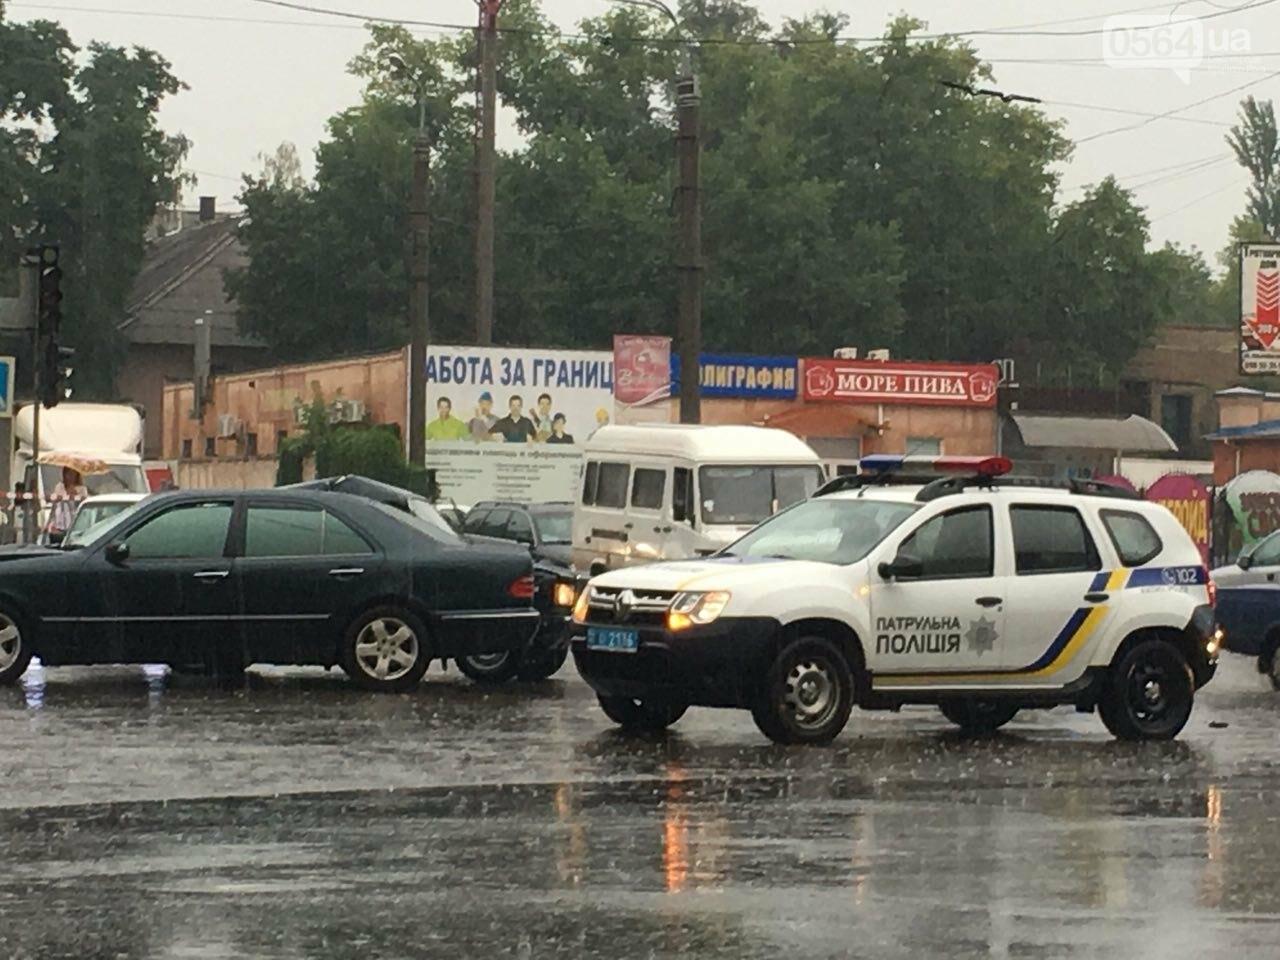 В Кривом Роге под дождем на перекрестке столкнулись иномарка и ВАЗ, - ФОТО, фото-10